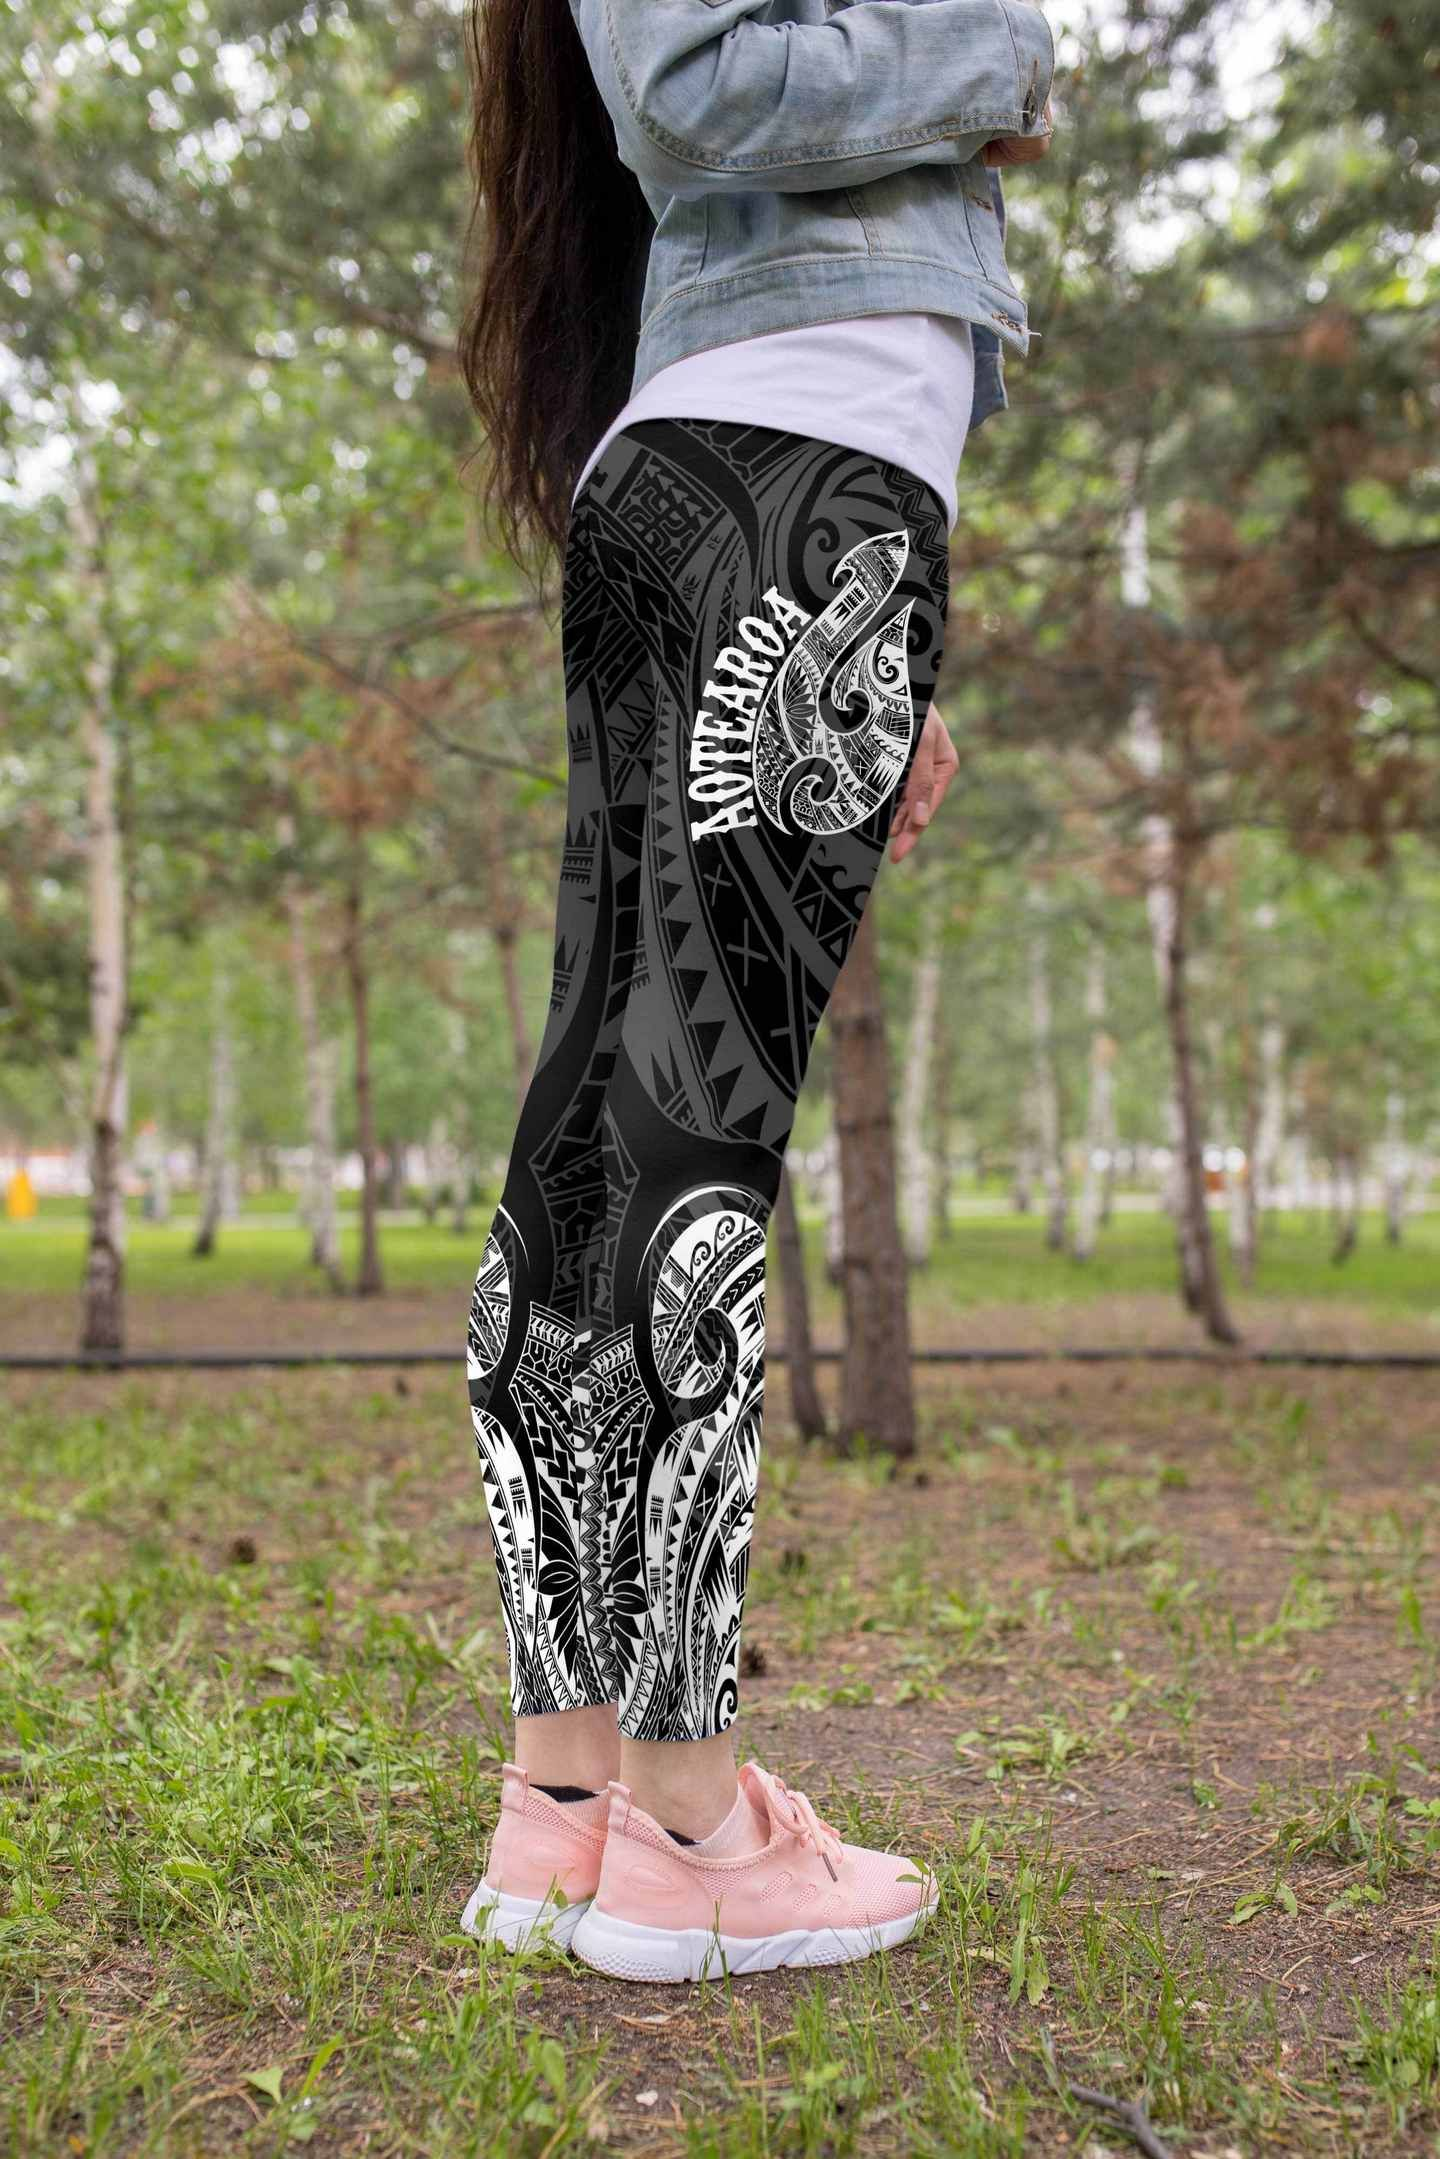 Hei Matau Maori Tattoo Leggings in 2020 | True tattoo ...